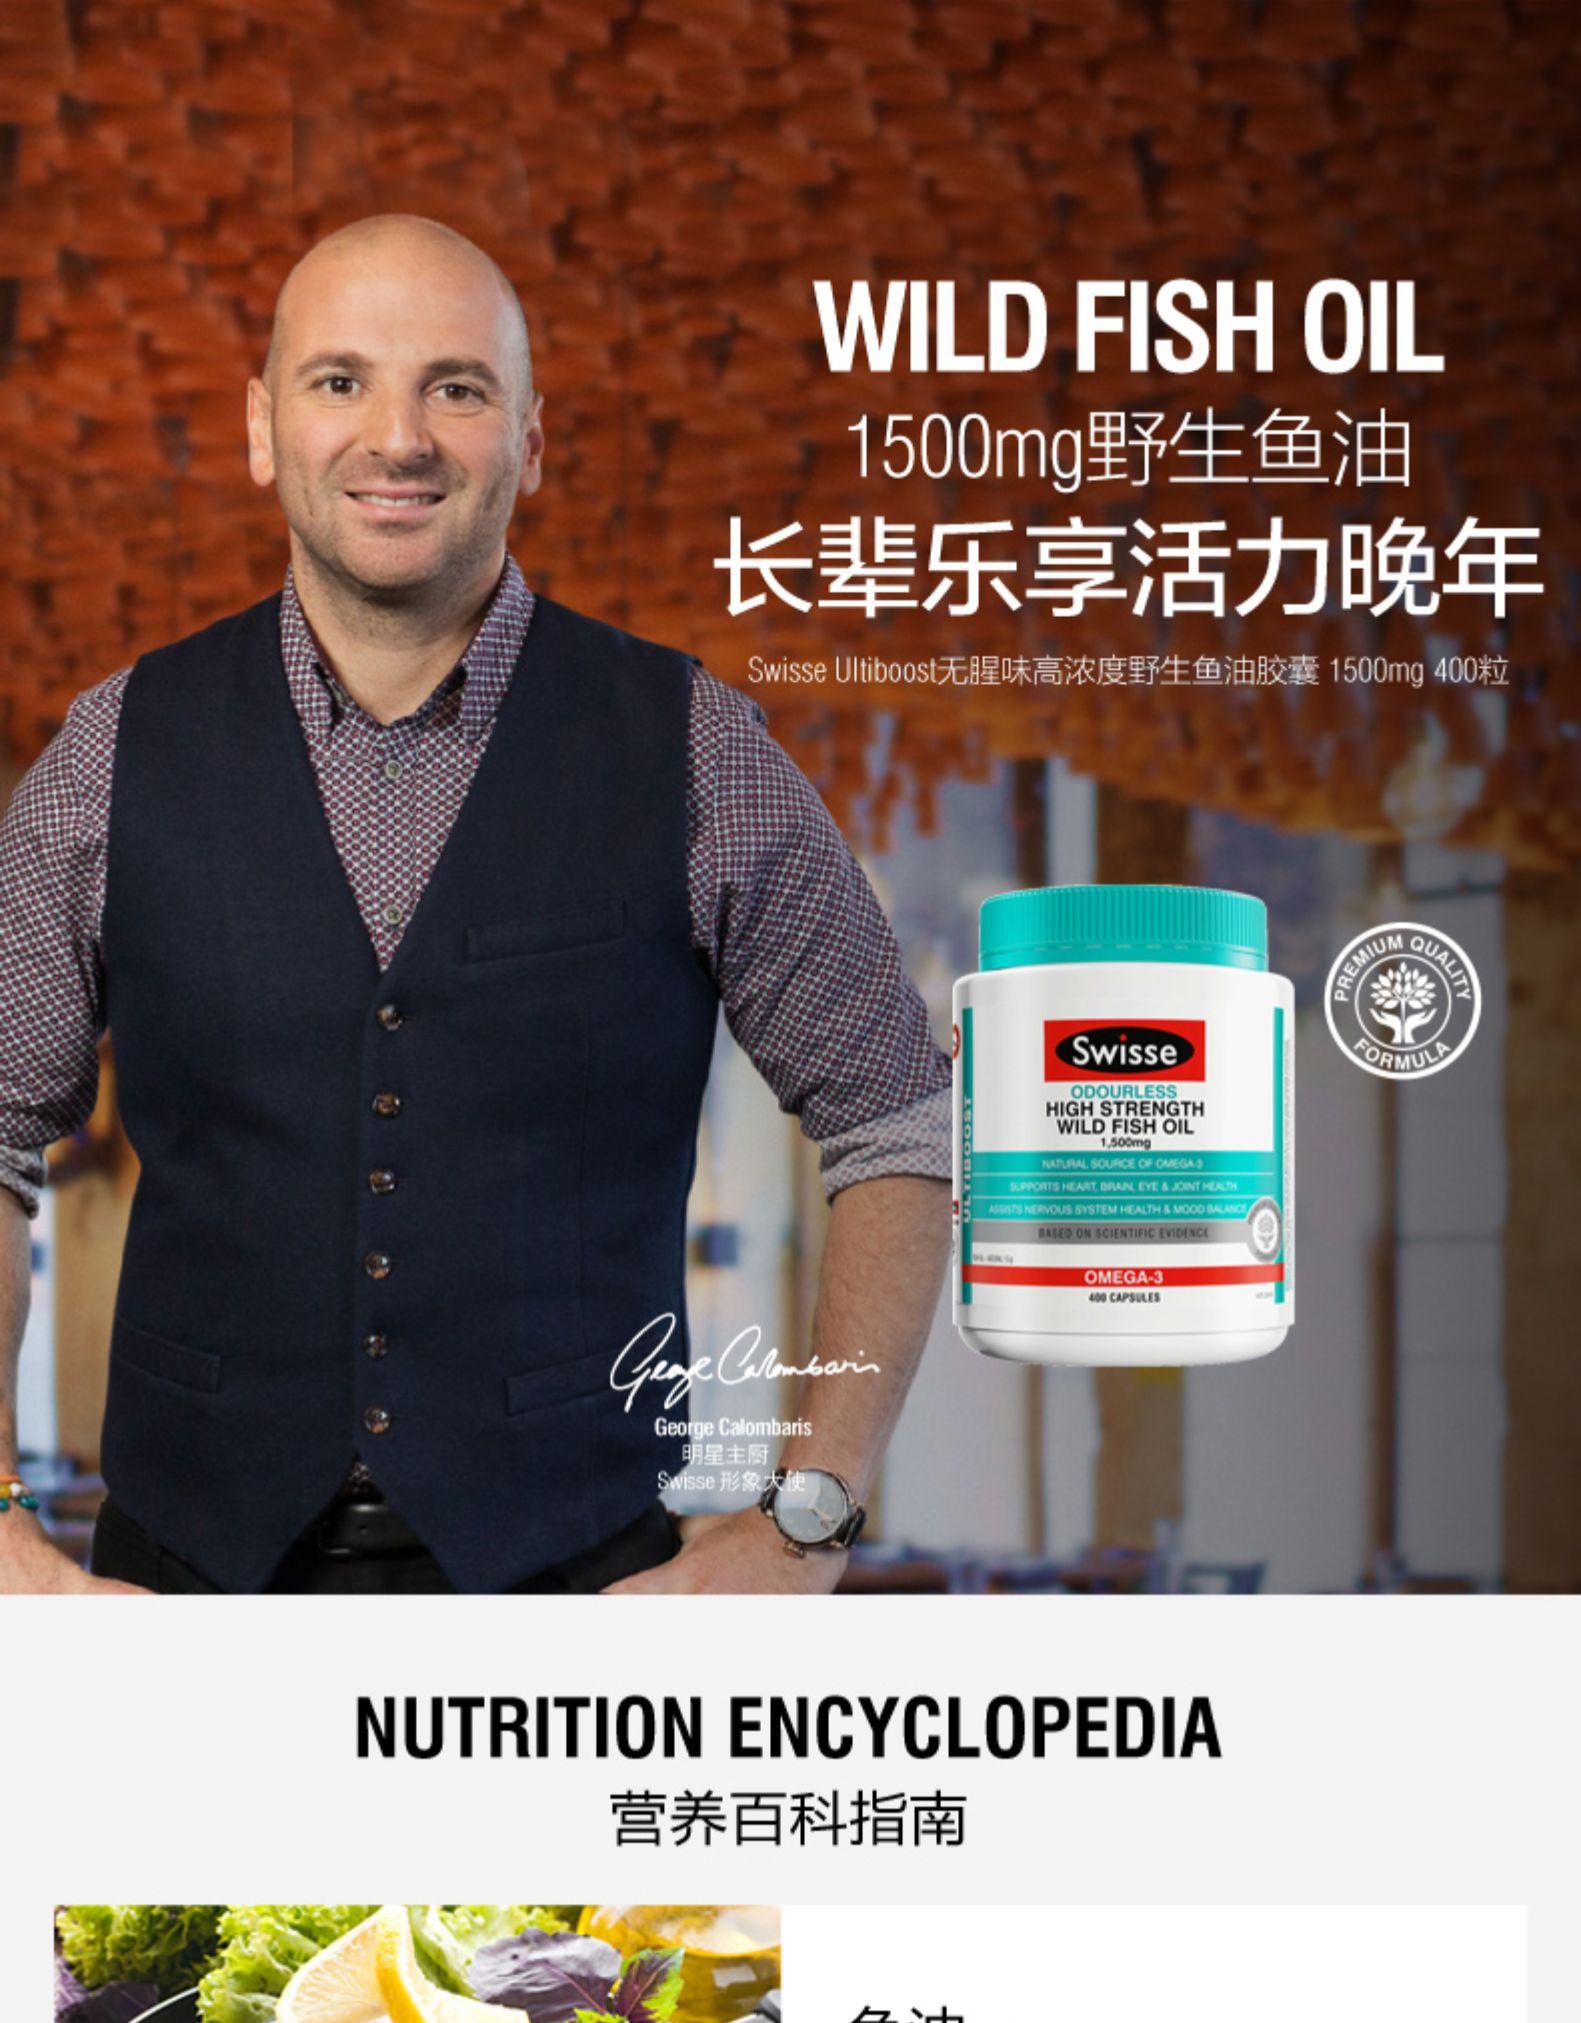 澳洲进口swisse深海鱼油胶囊无腥味1500mg400粒中老年保健欧米伽3 我们的产品 第2张